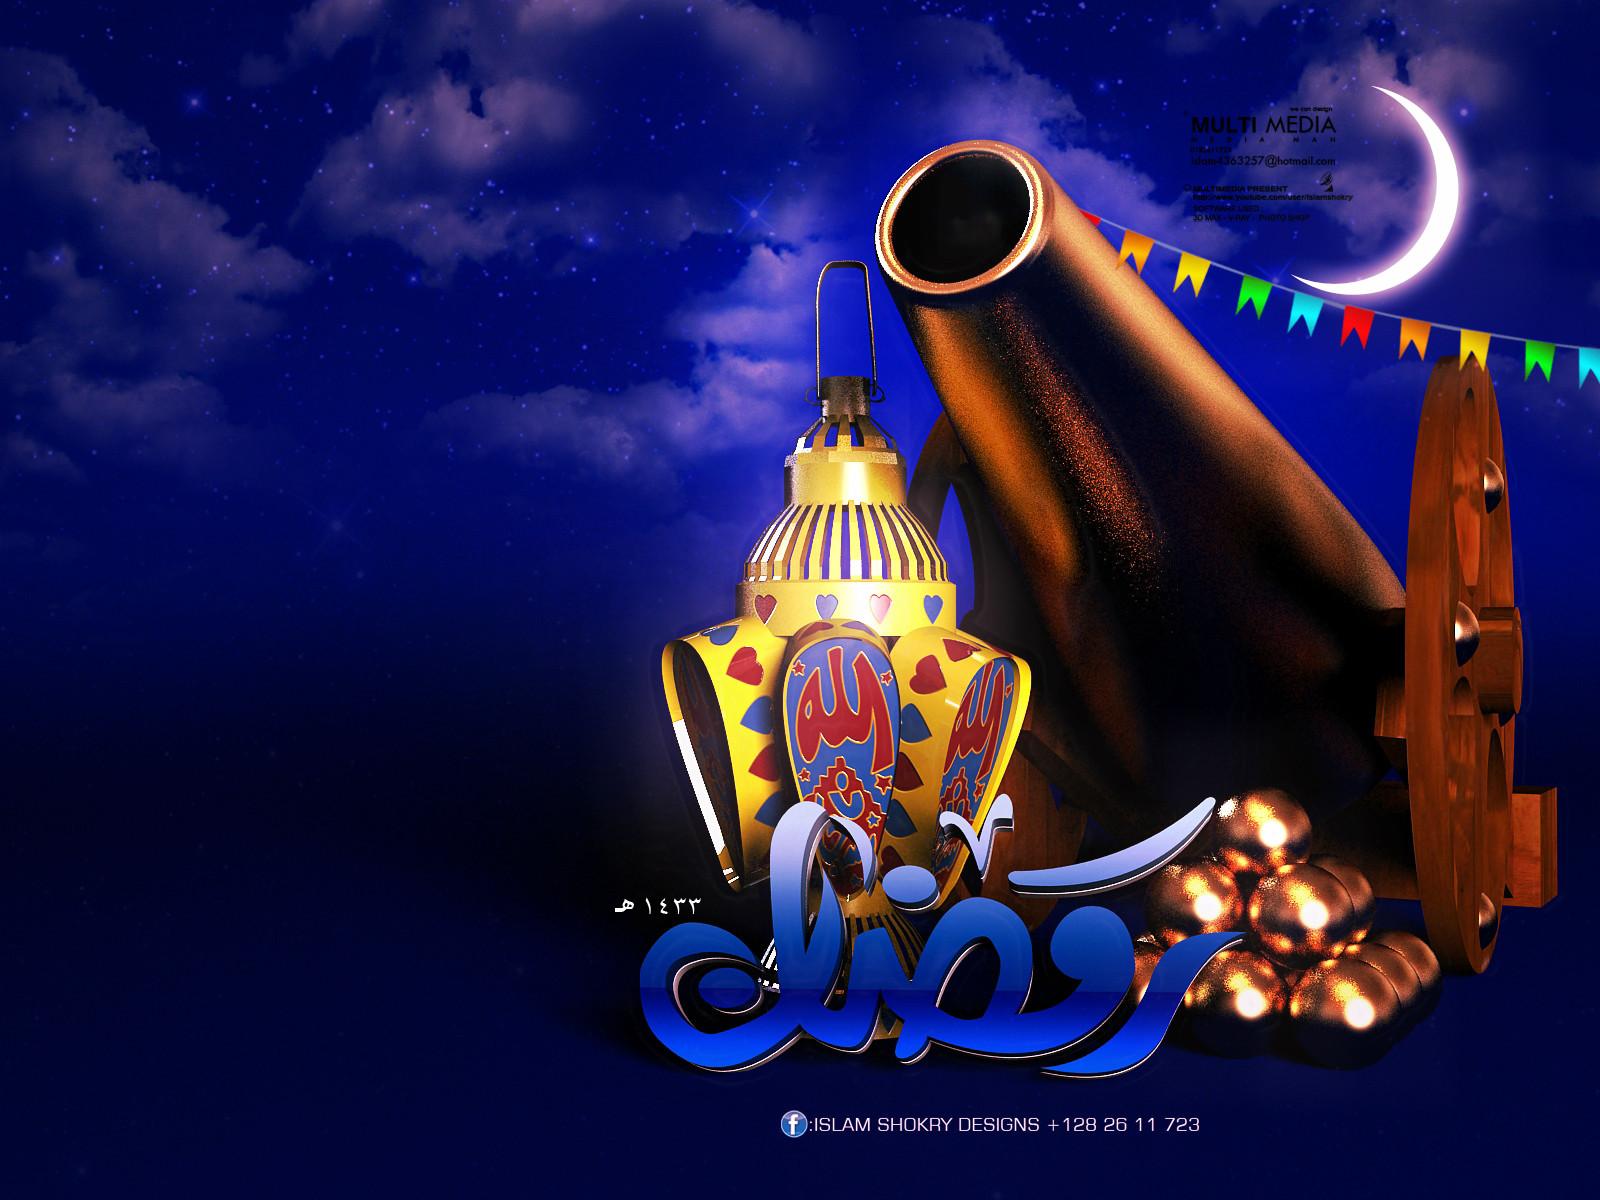 مبارك عليكم الشهر رمضان كريم كرتون